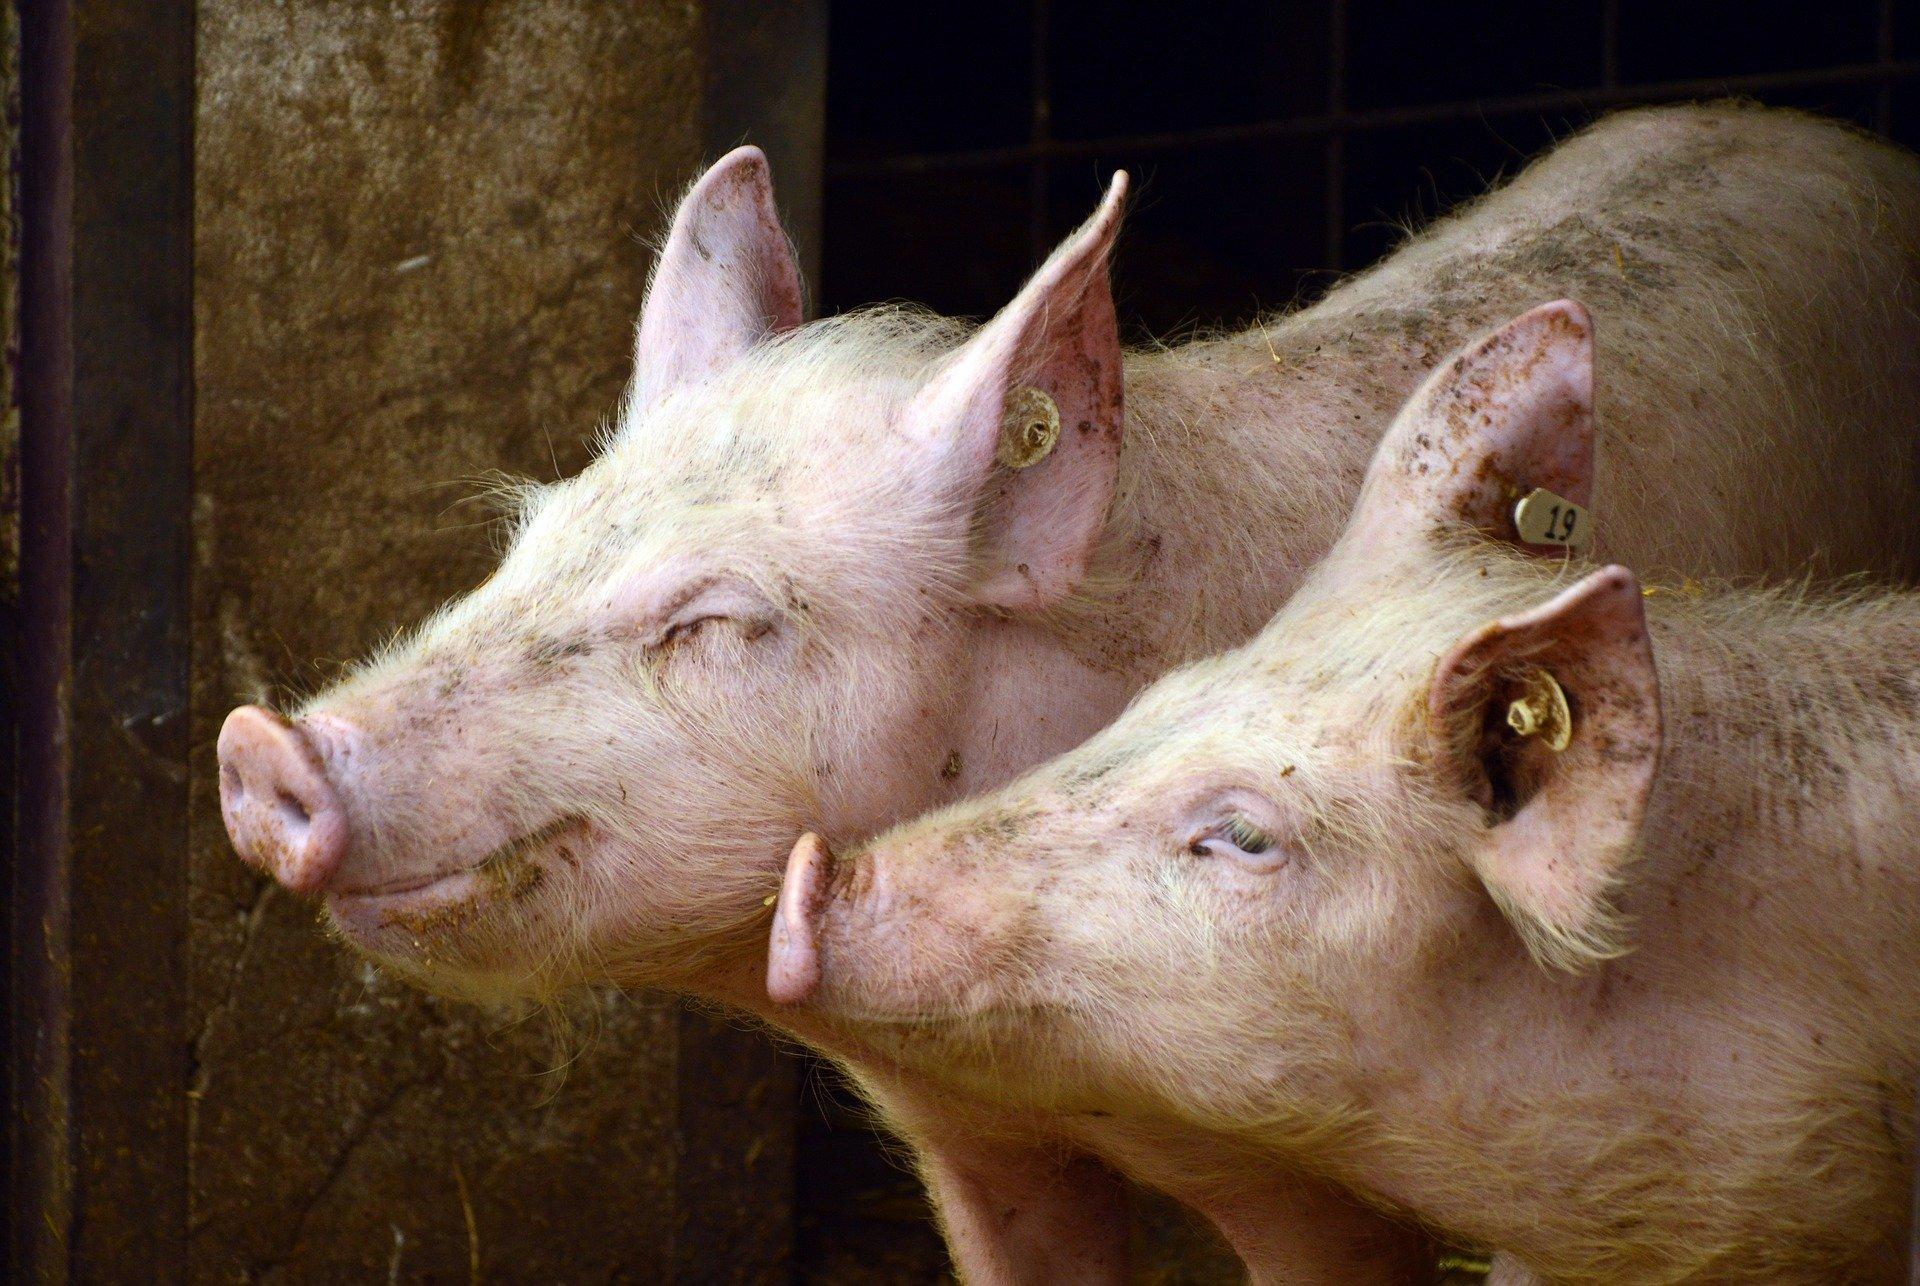 pigs 3967549 1920.jpg - Un fermier polonais retrouvé mort et dévoré par ses cochons